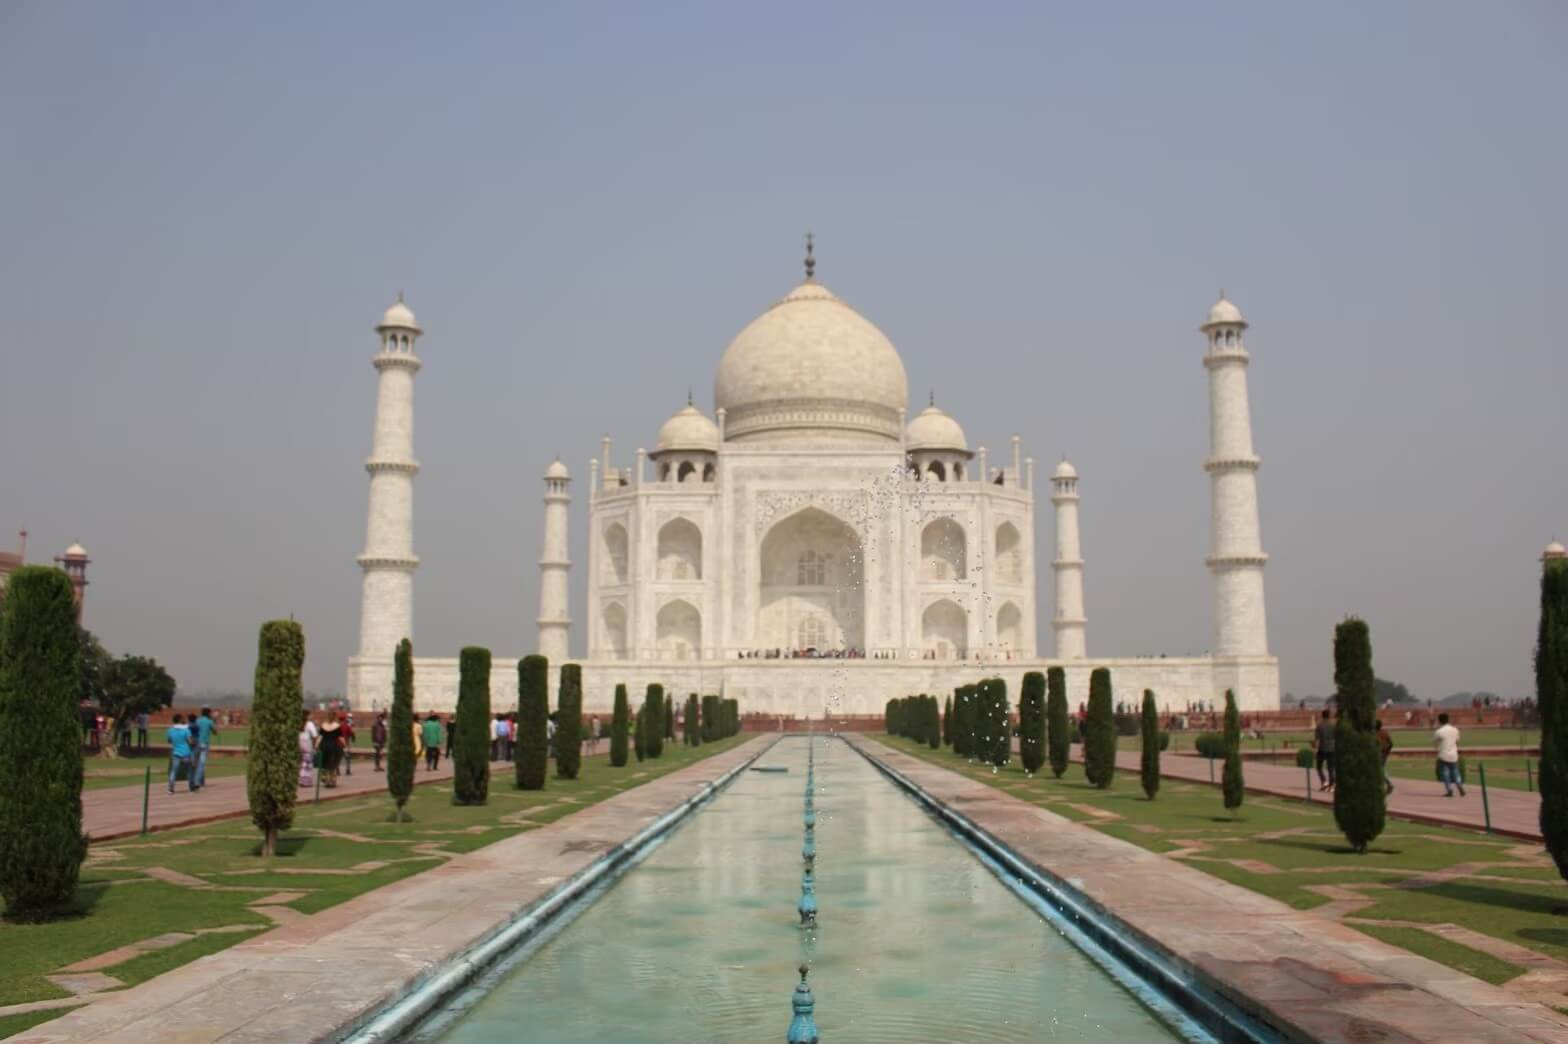 【皇帝が愛した妃のお墓】インドの国宝タージマハルを観光!